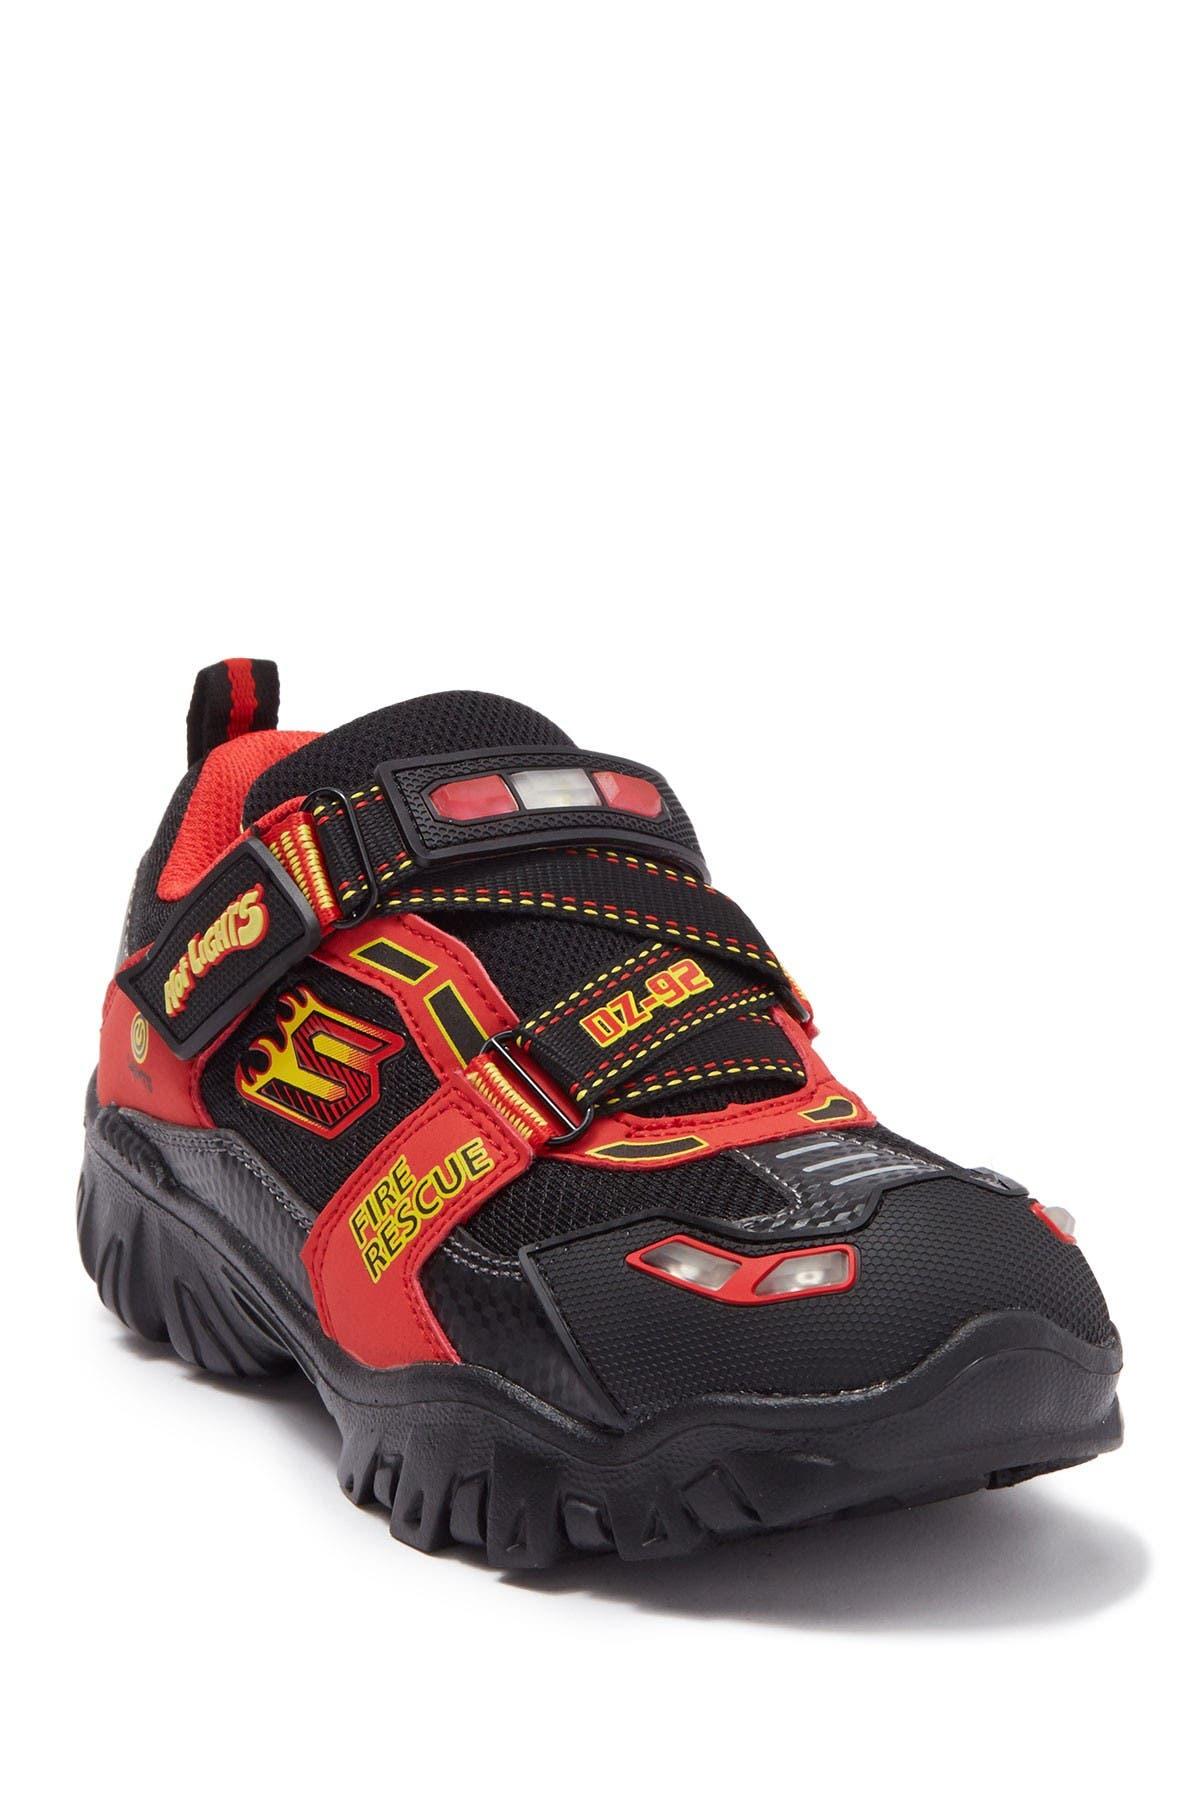 Image of Skechers Damager III Fire Stopper Sneaker